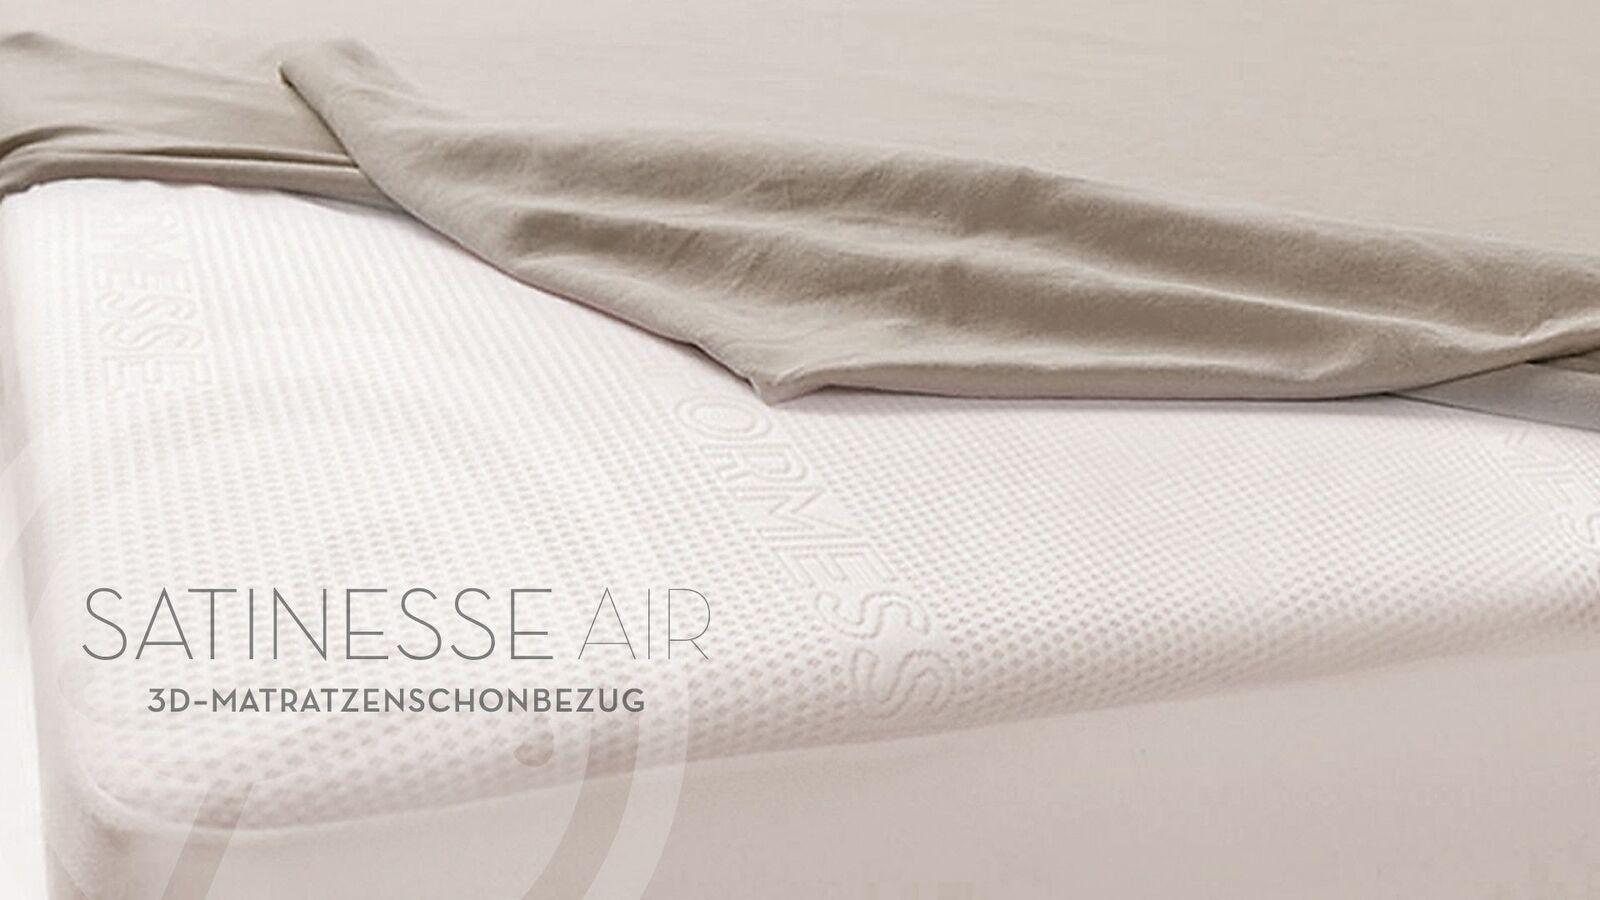 Matratzenschoner Satinesse Air Piccola wollweiss